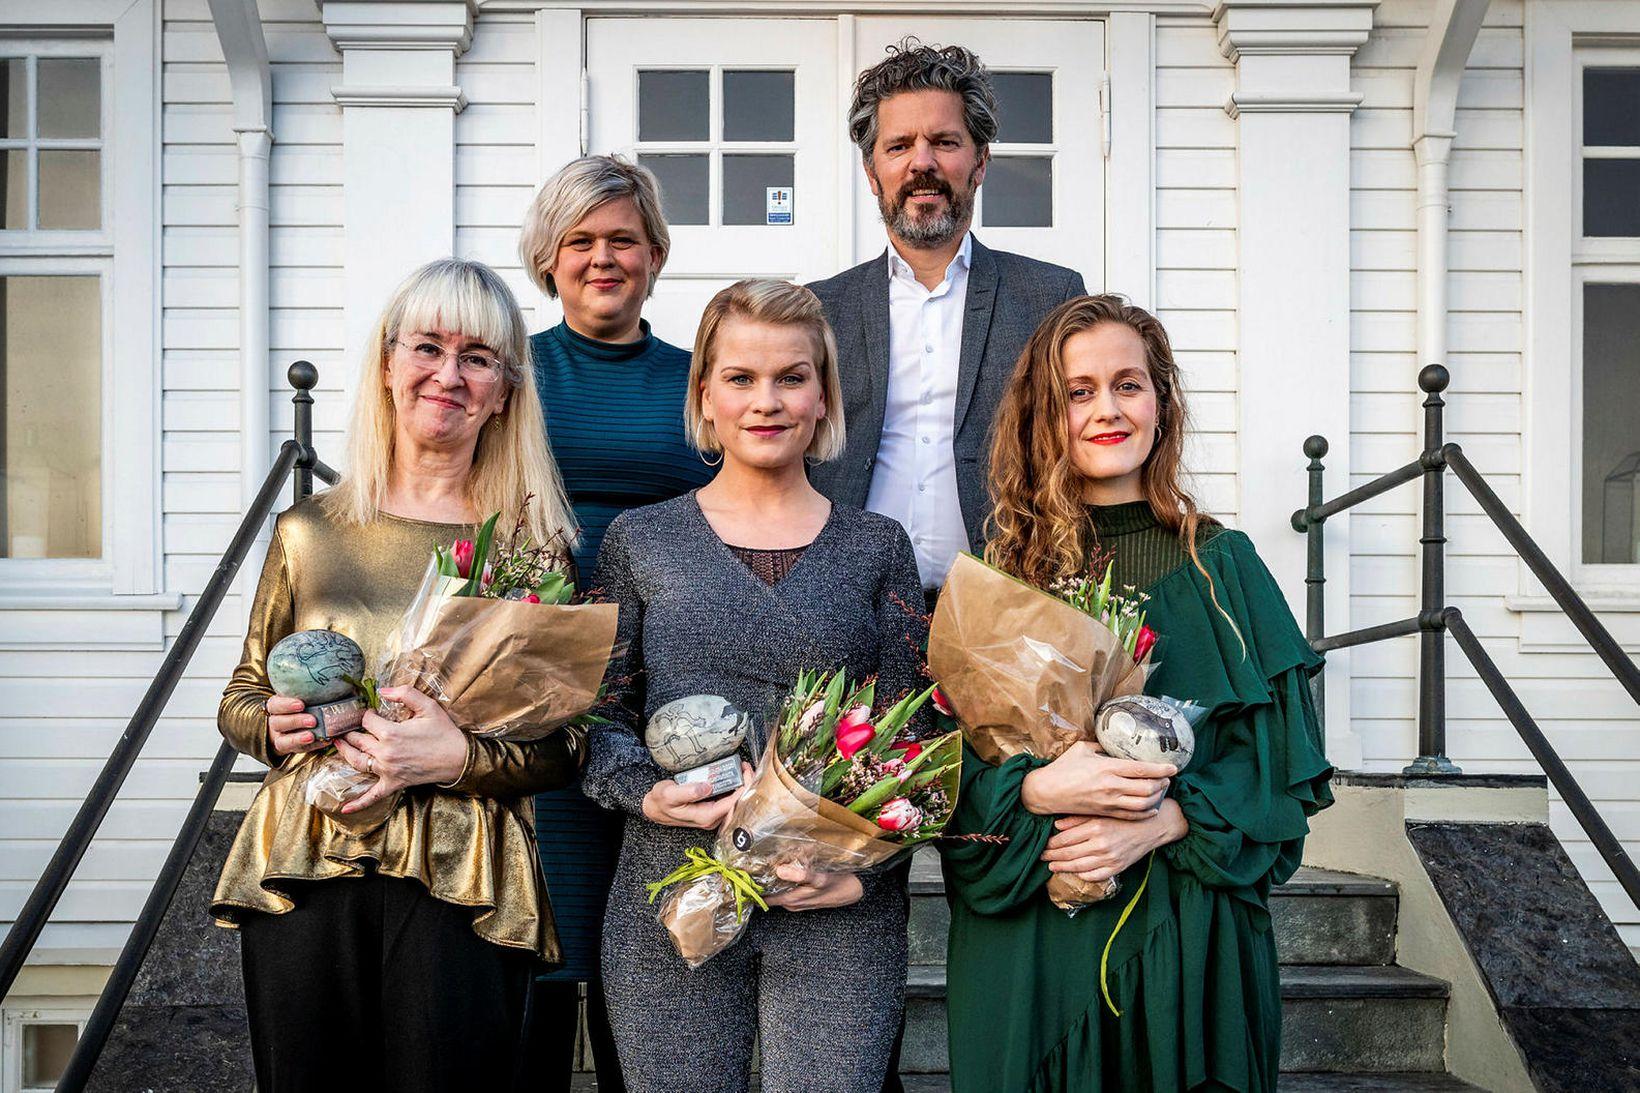 Verðlaunahafar Fjöruverðlaunanna sem afhent voru í janúar 2020. Frá vinstri …